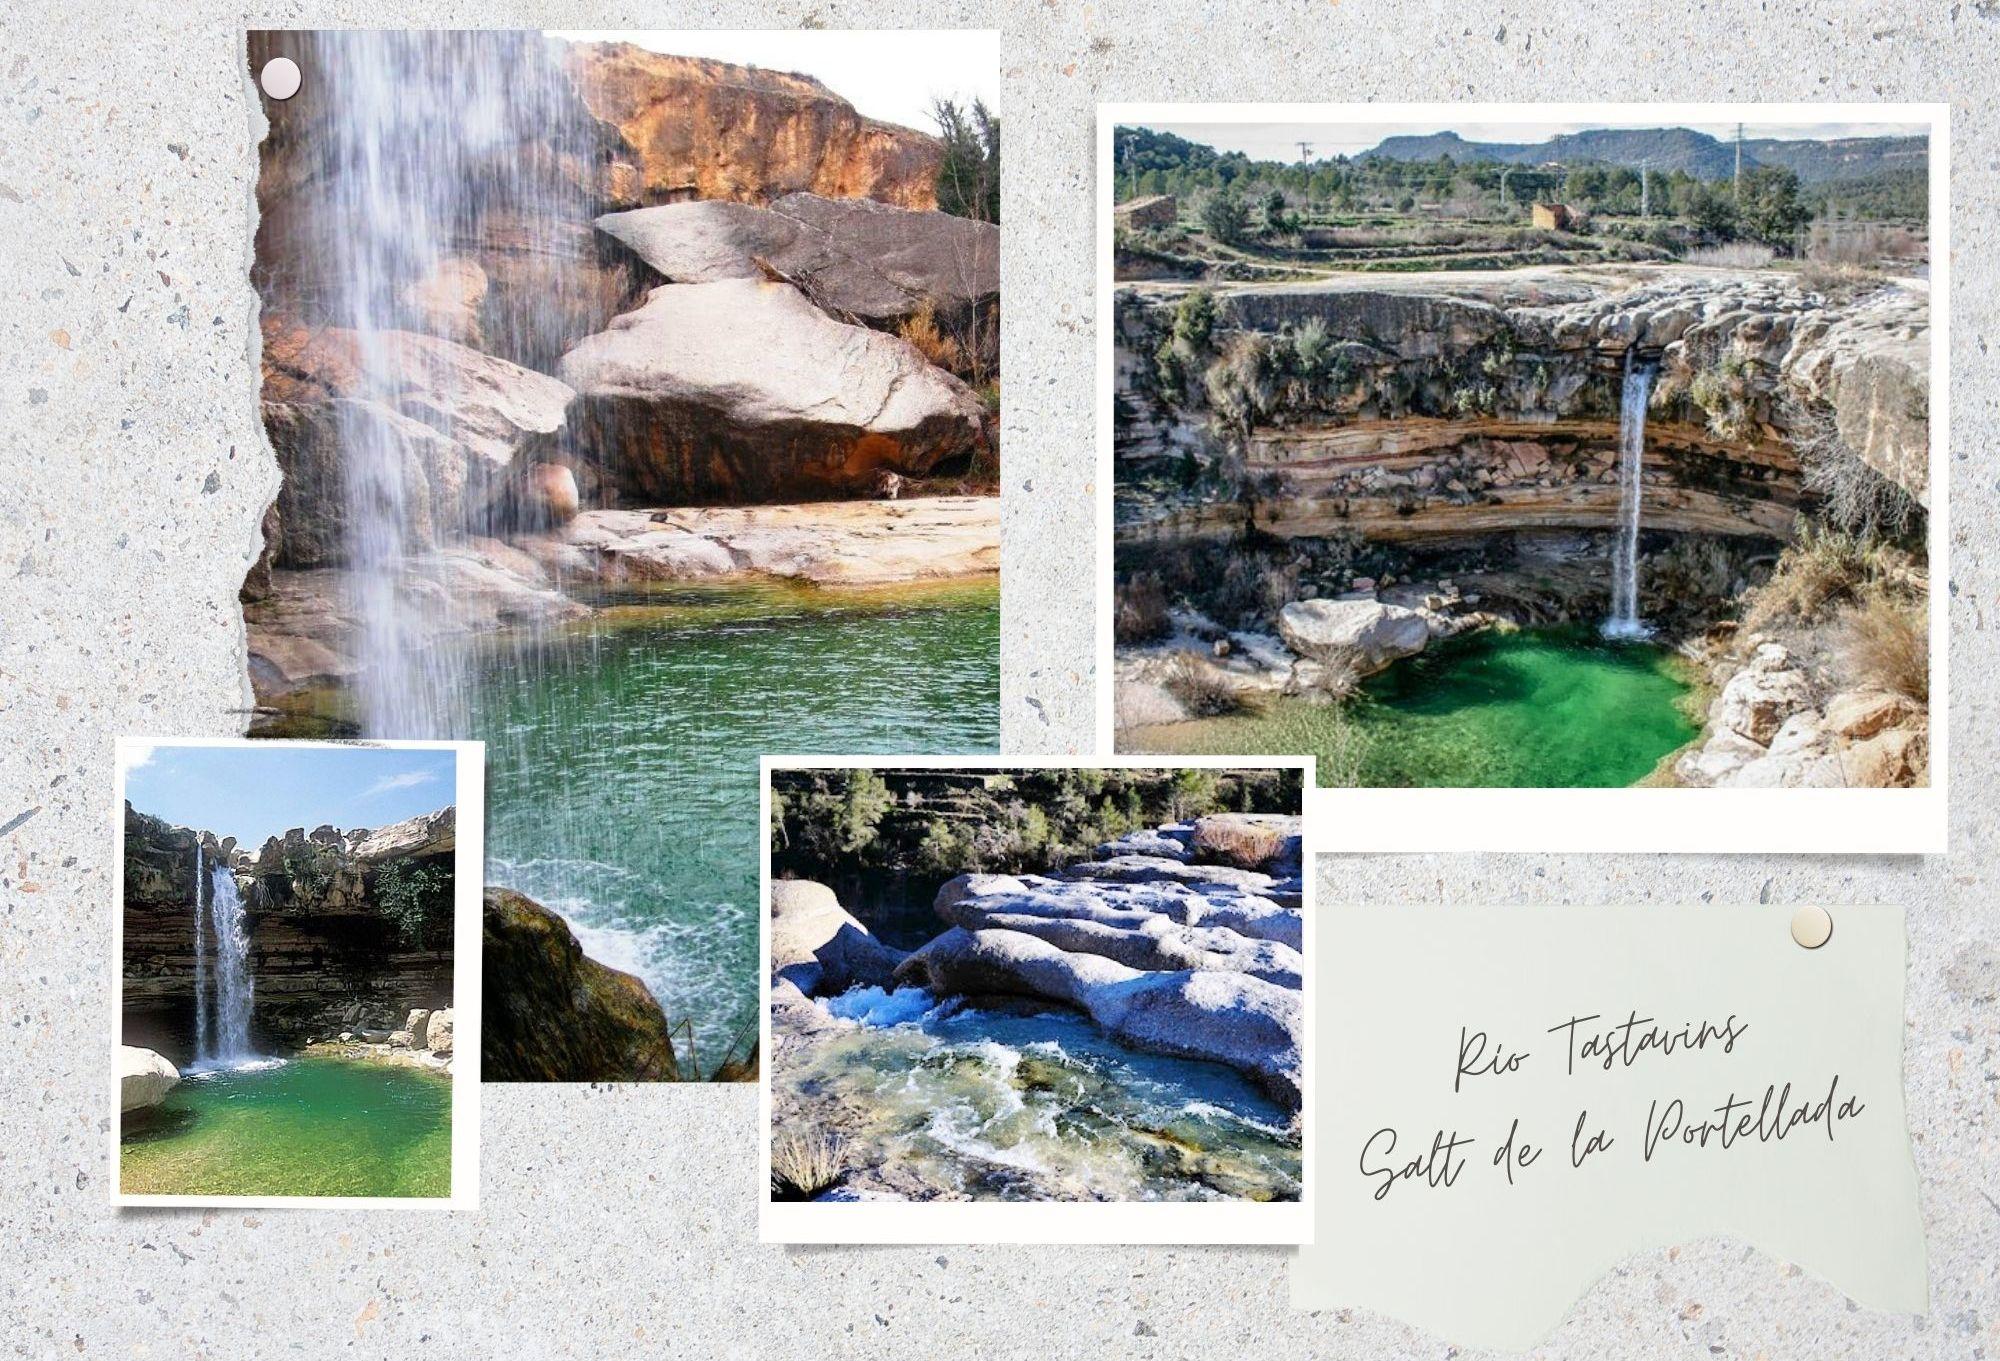 Río Tastavins Salt de la Portellada